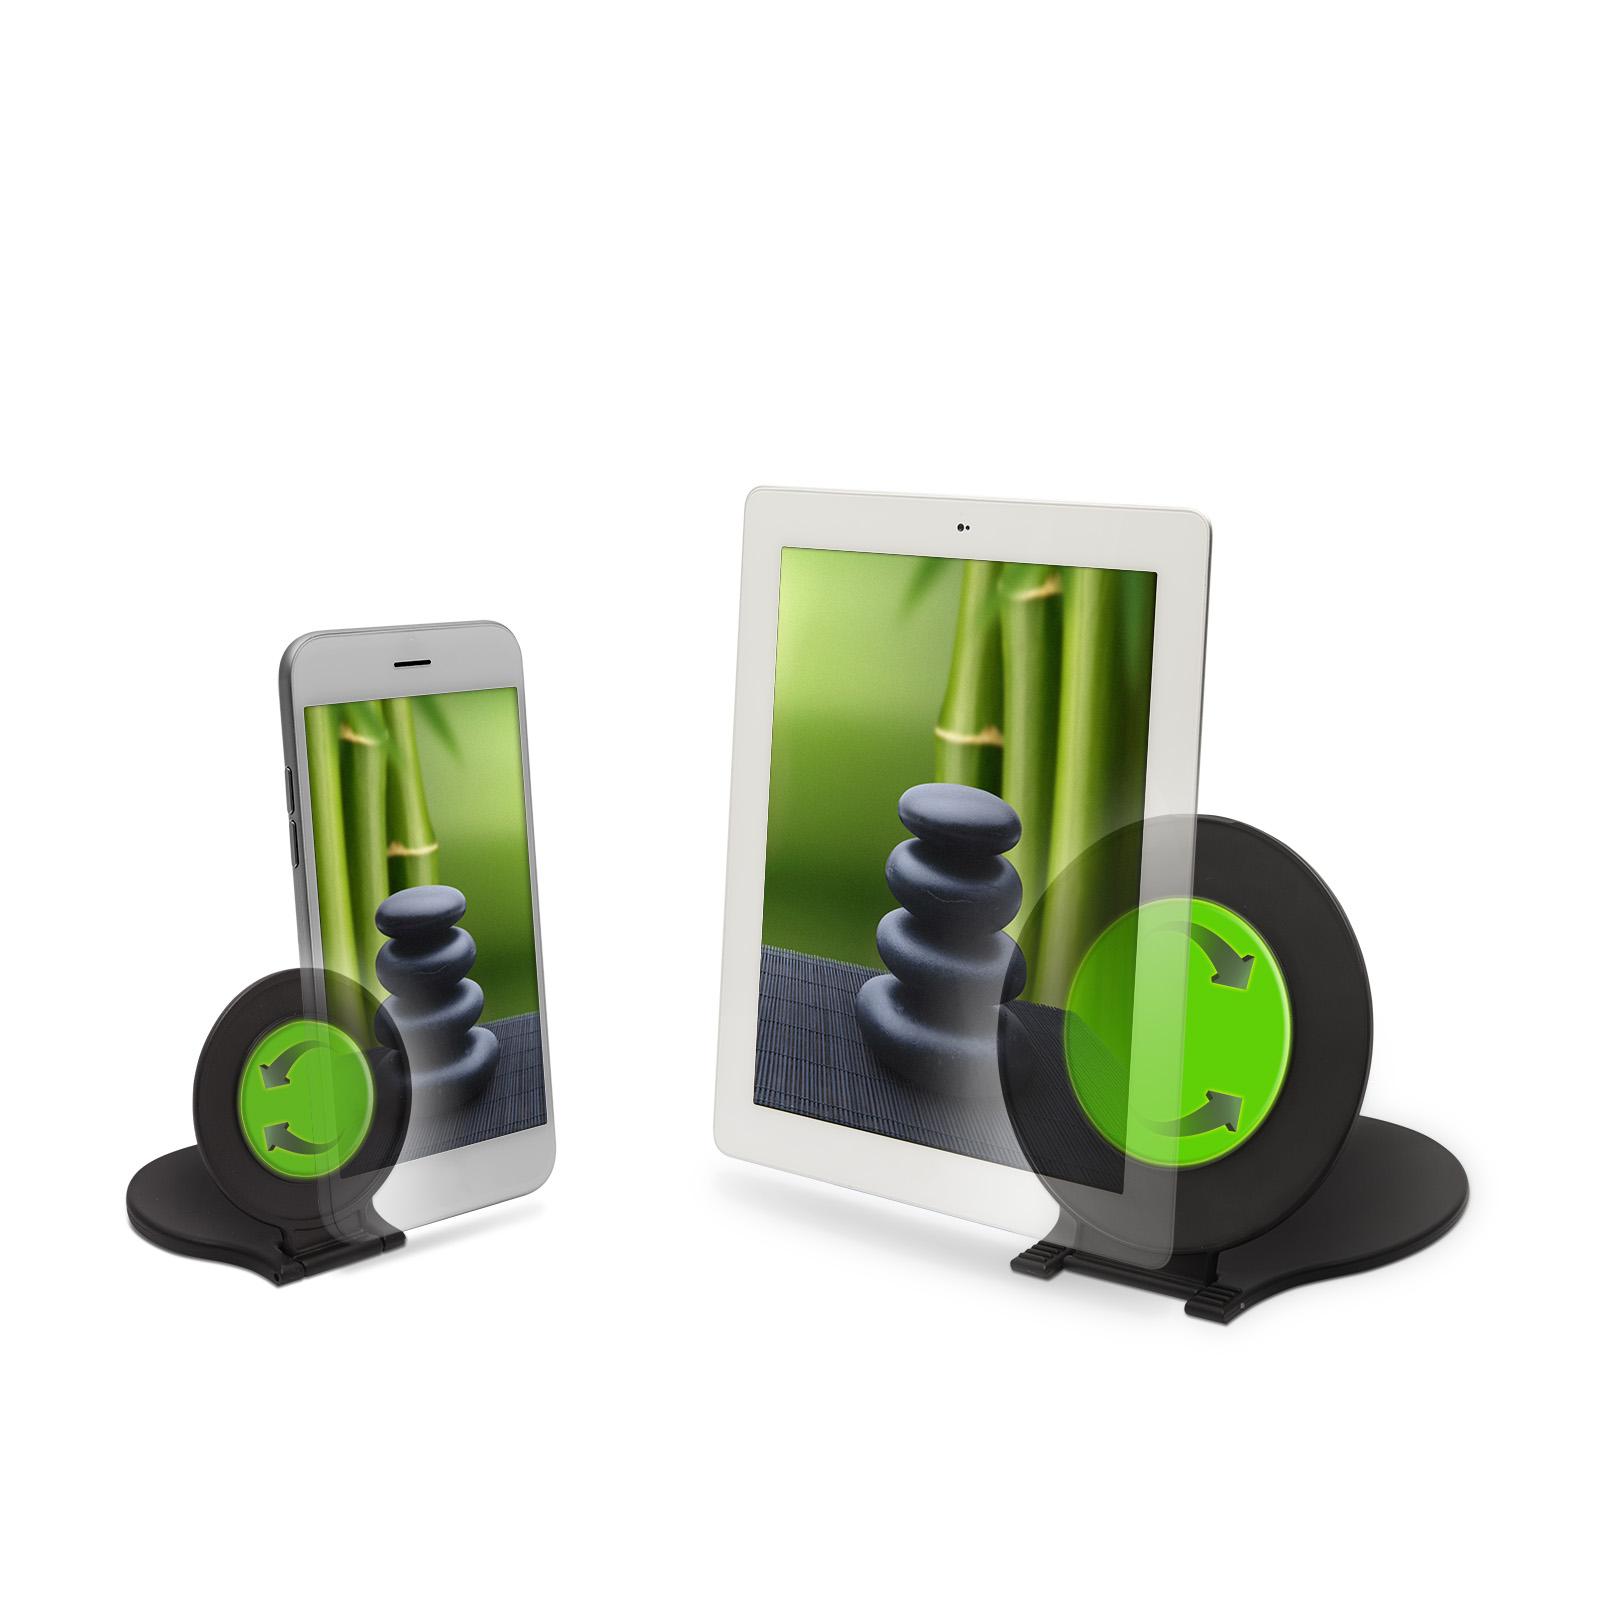 Sada dvou držáků - držák na tablet a držák na mobil, uchycení pomocí nanotechnologie - One Touch Univerzal Holder / drzakyastolky.cz